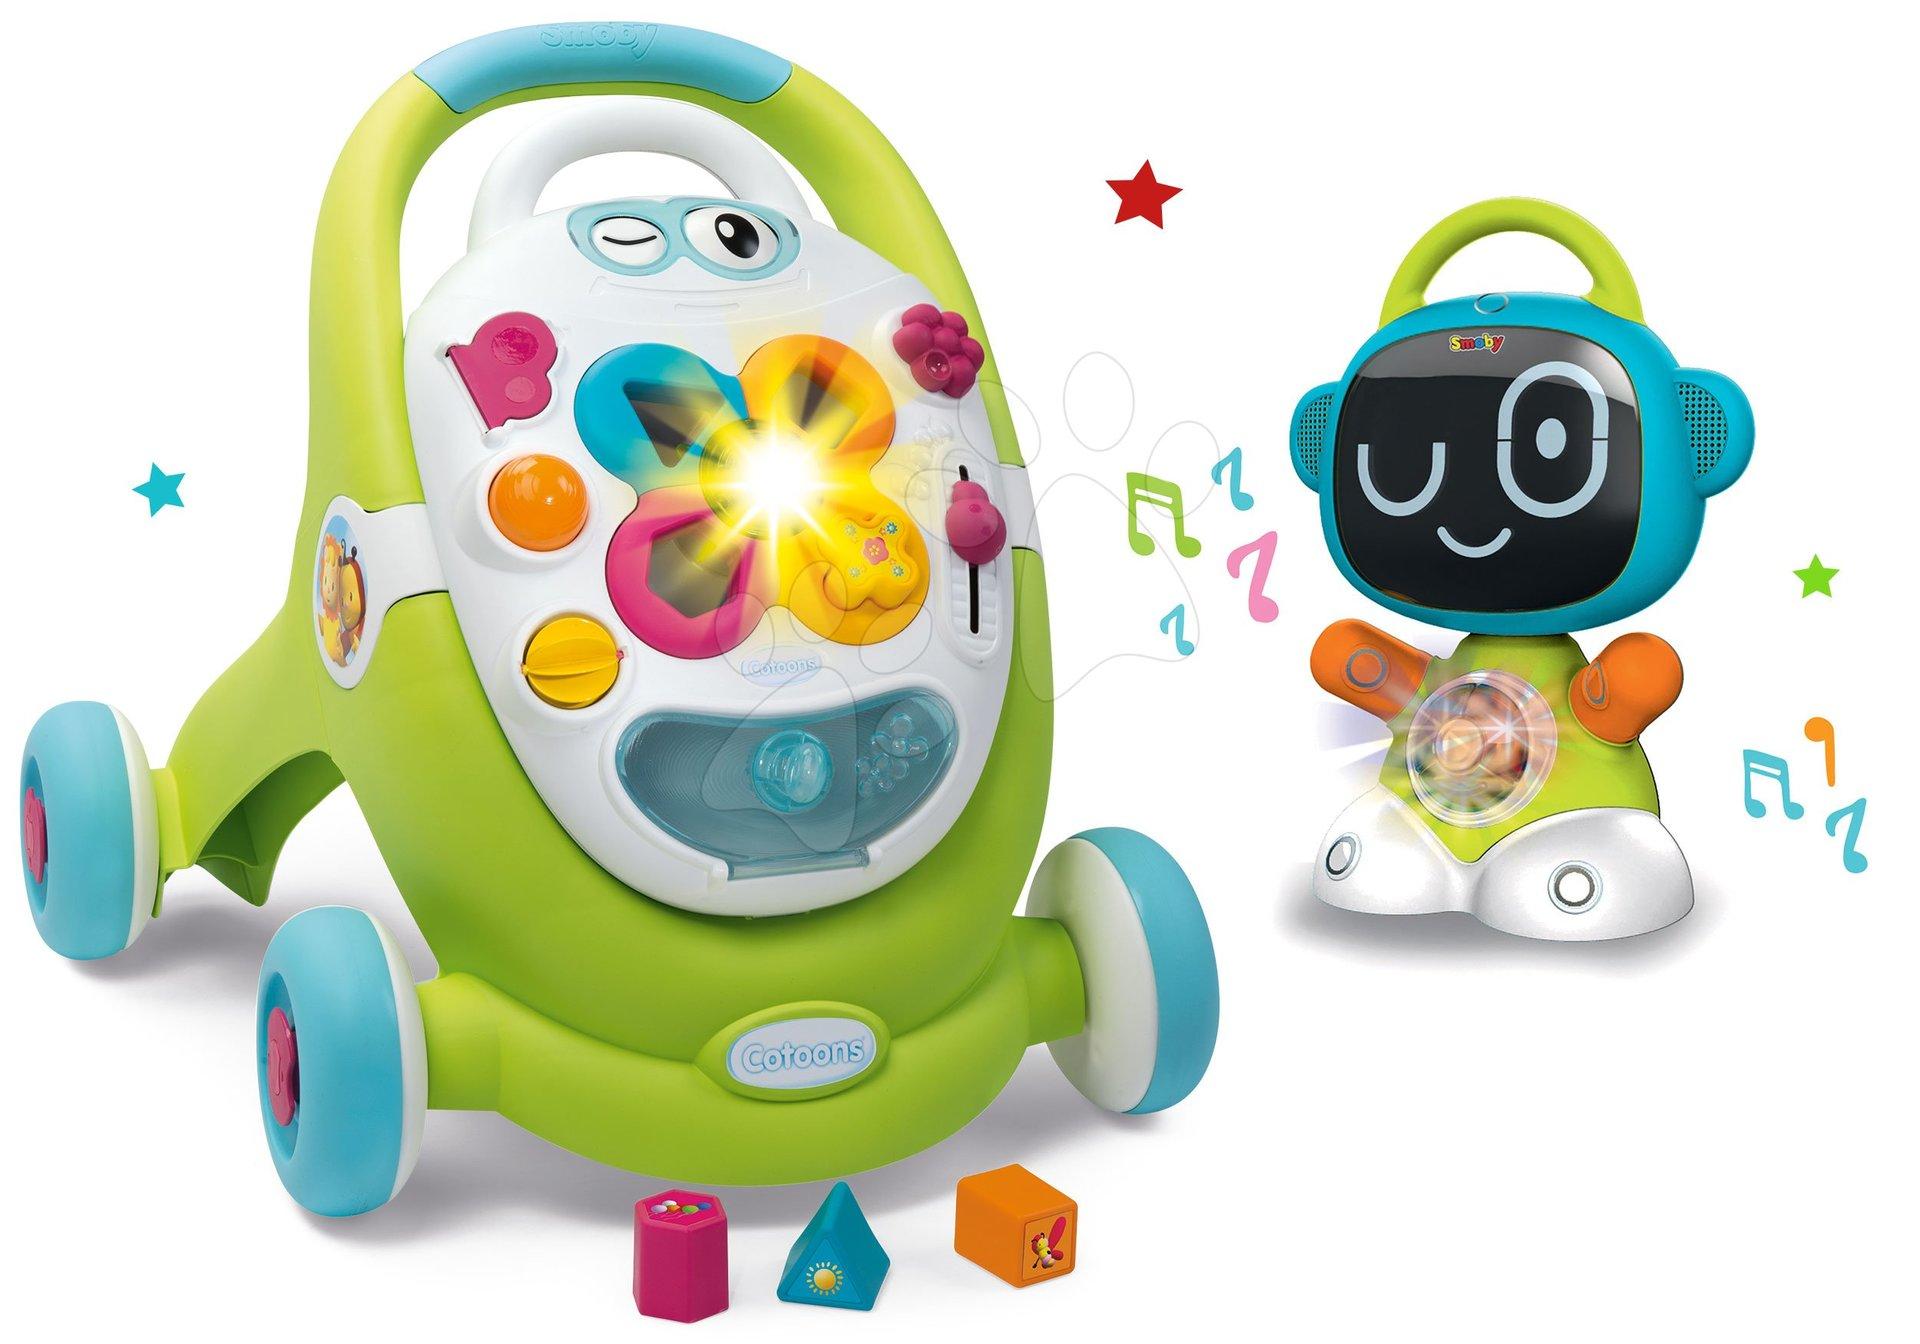 Dětská chodítka - Set chodítko s didaktickým kufříkem Trott Cotoons 2v1 Smoby se zvukem a světlem a interaktivní Robot TIC Smart s 3 naučnými hrami